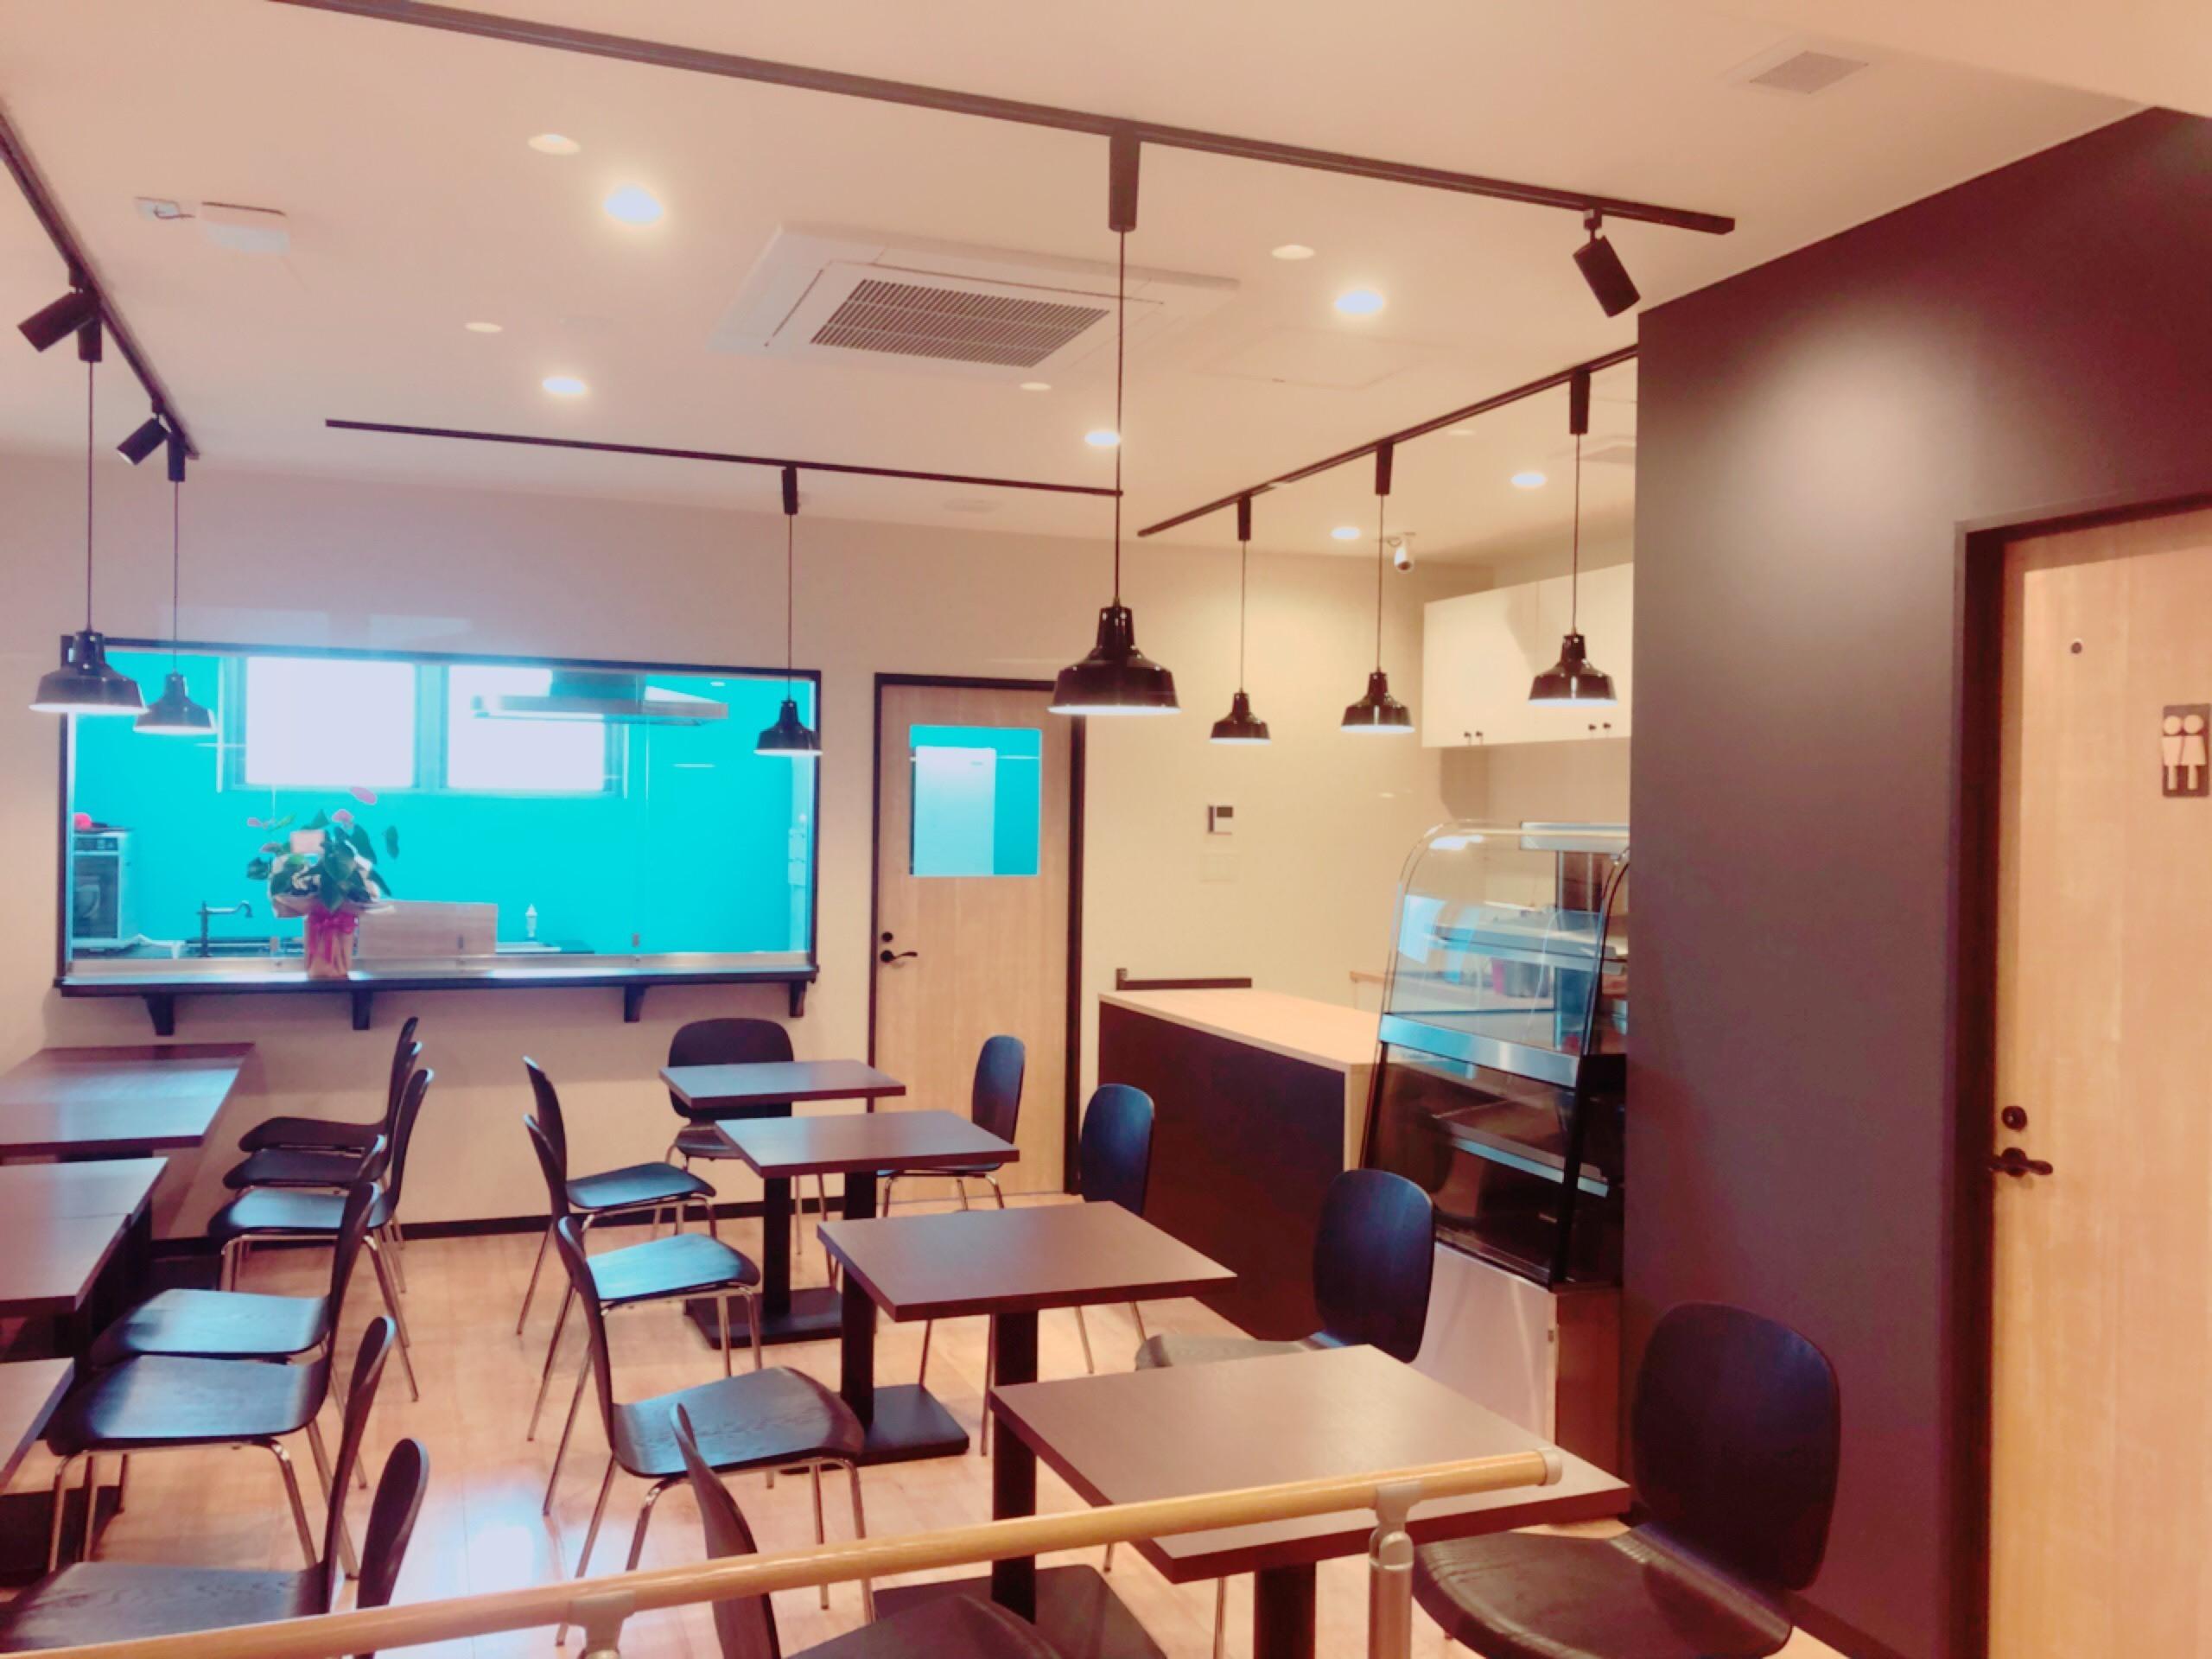 DS KITCHEN 【貸切 レンタルカフェスペース】の室内の写真